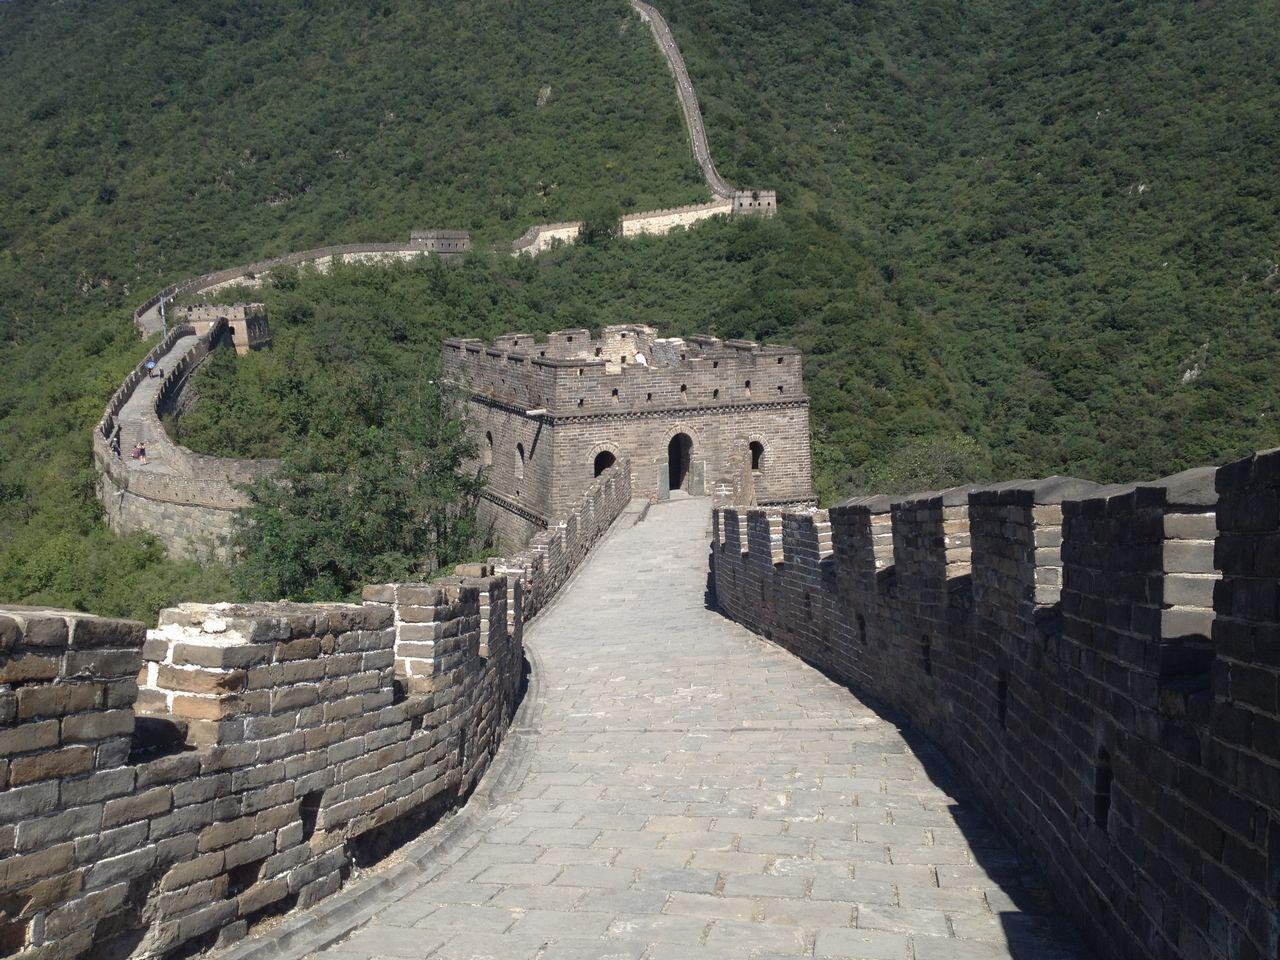 La Gran Muralla China es una visita obligada en tu viaje al país asiático.